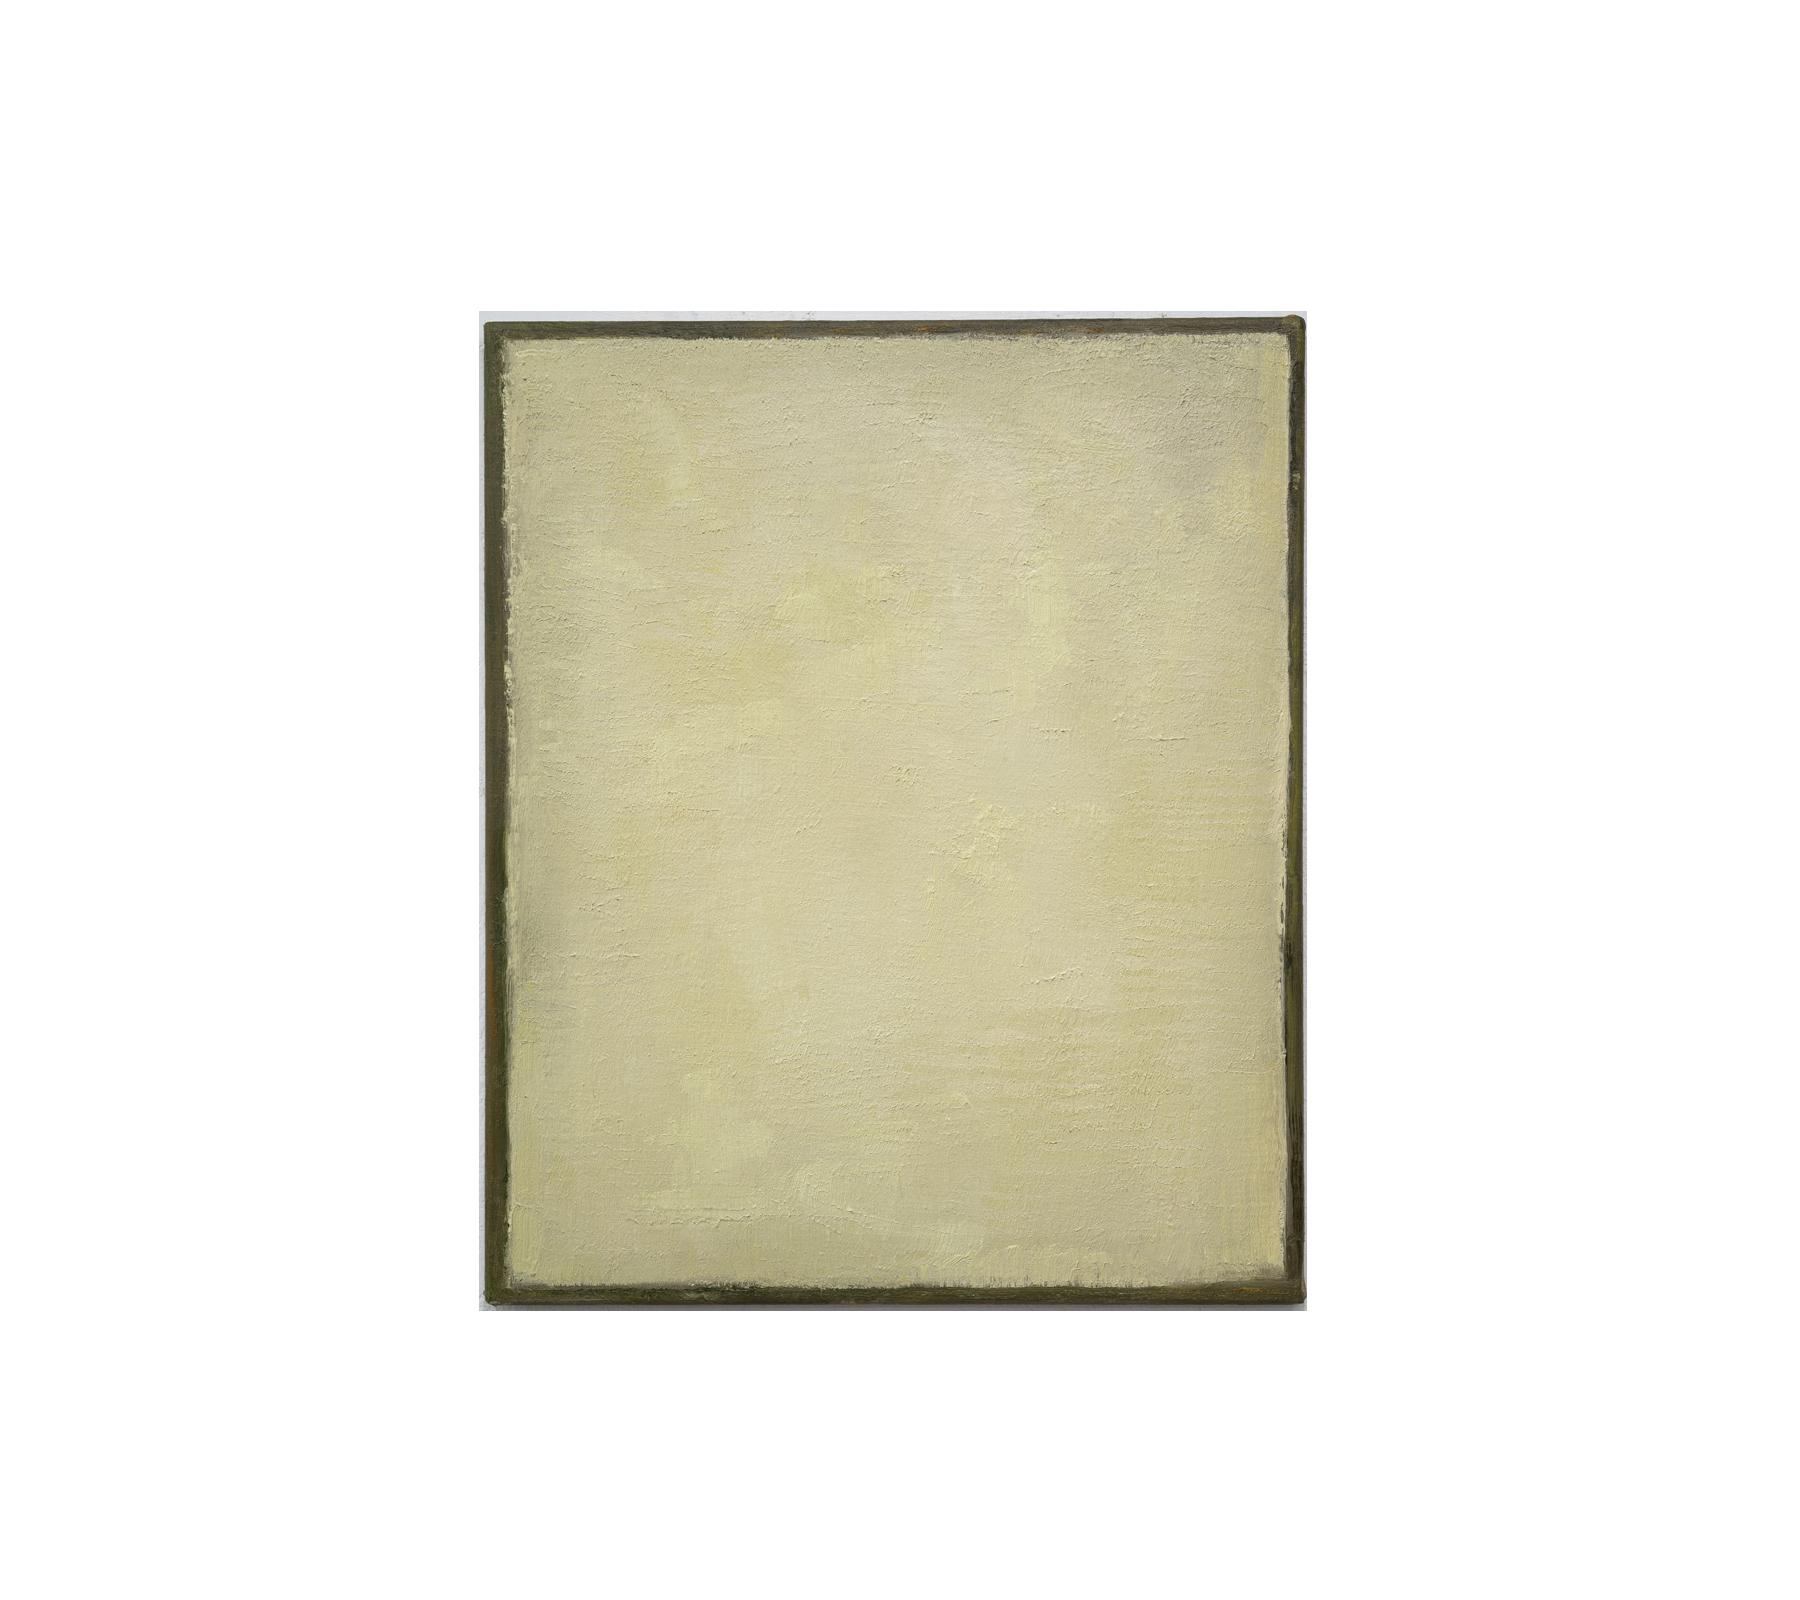 White gold 2020 60x50cm